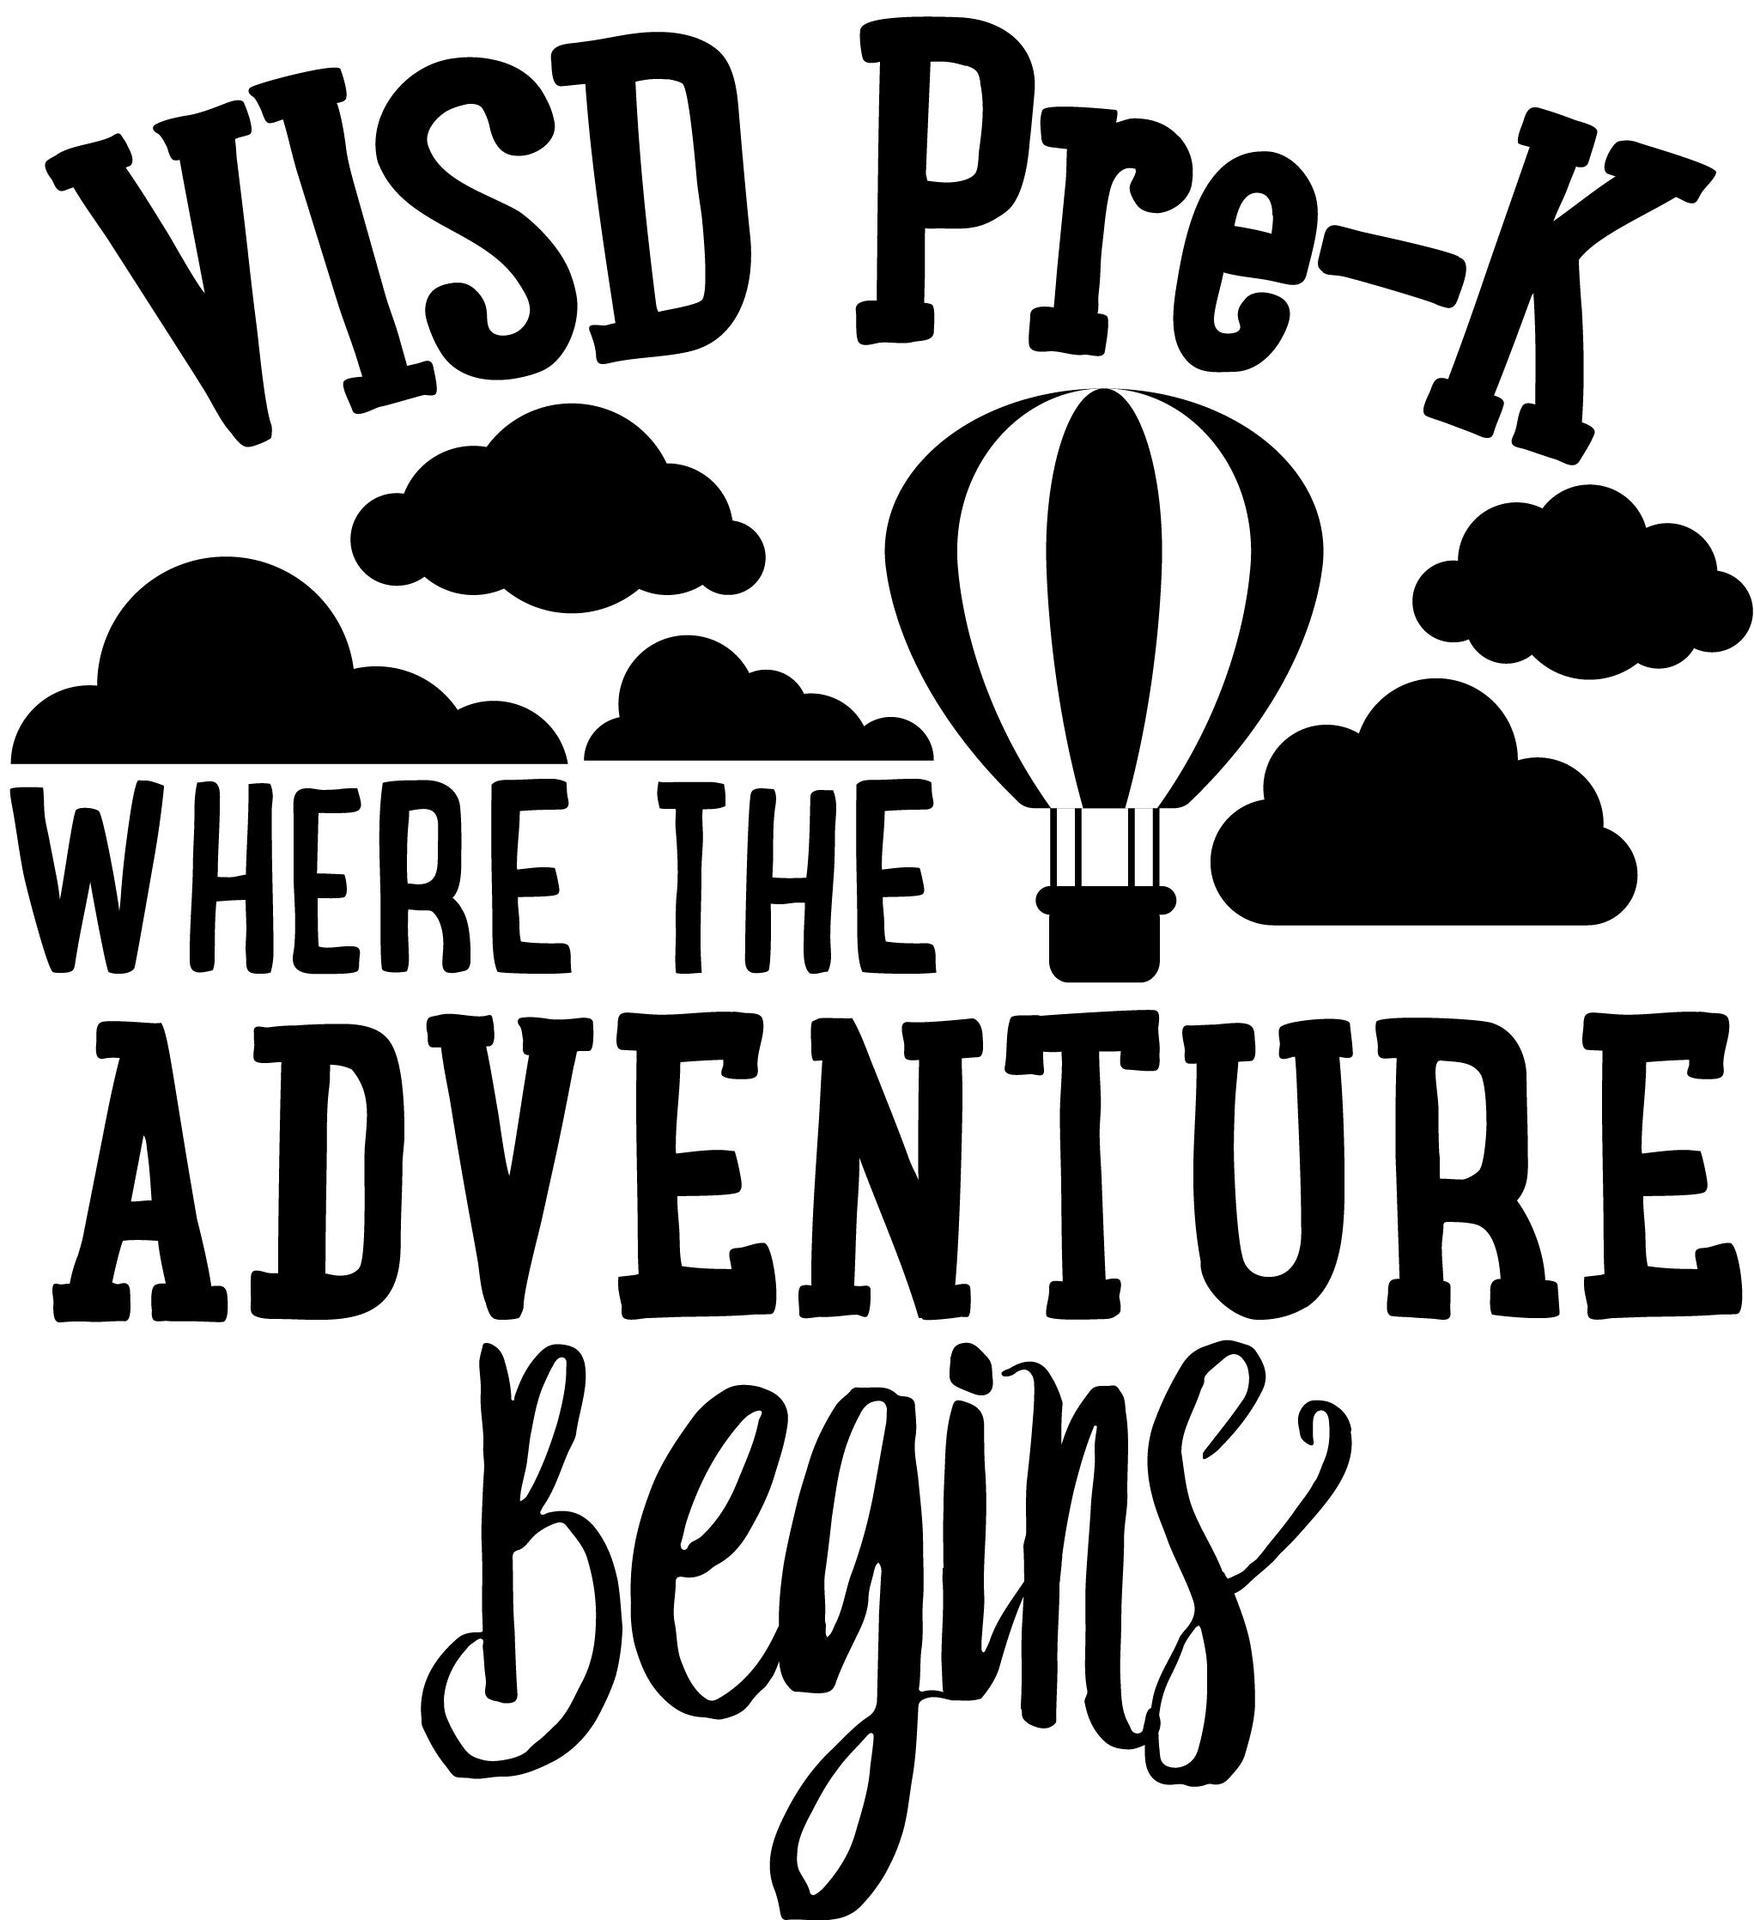 visd preschool logo